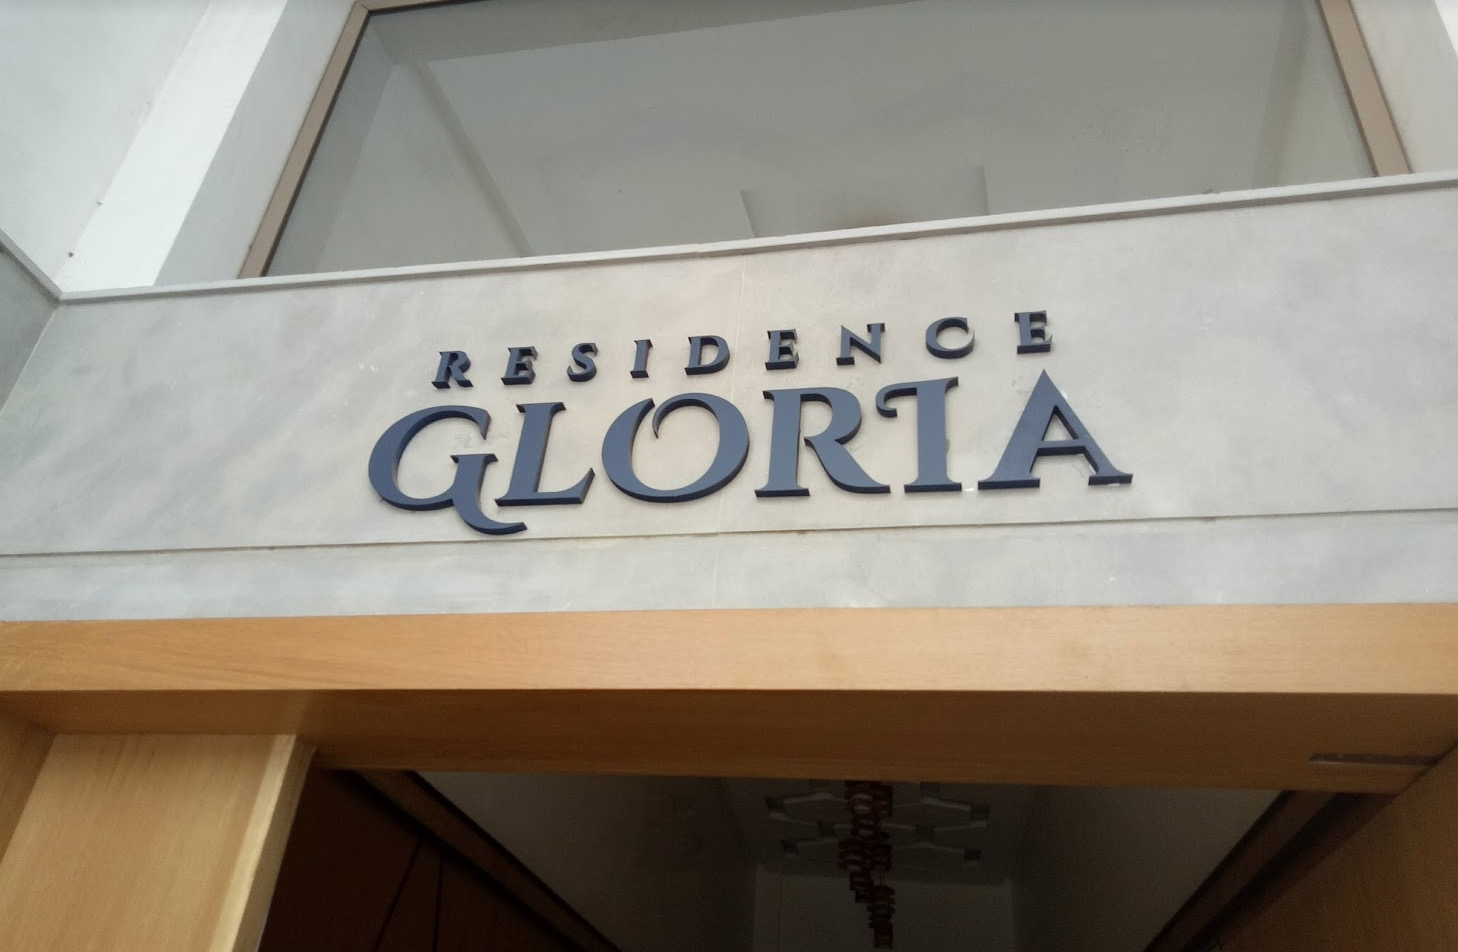 enseigne-résidence-nom-panneau-casablanca-Maroc lettrage relief 3D entrée immeuble